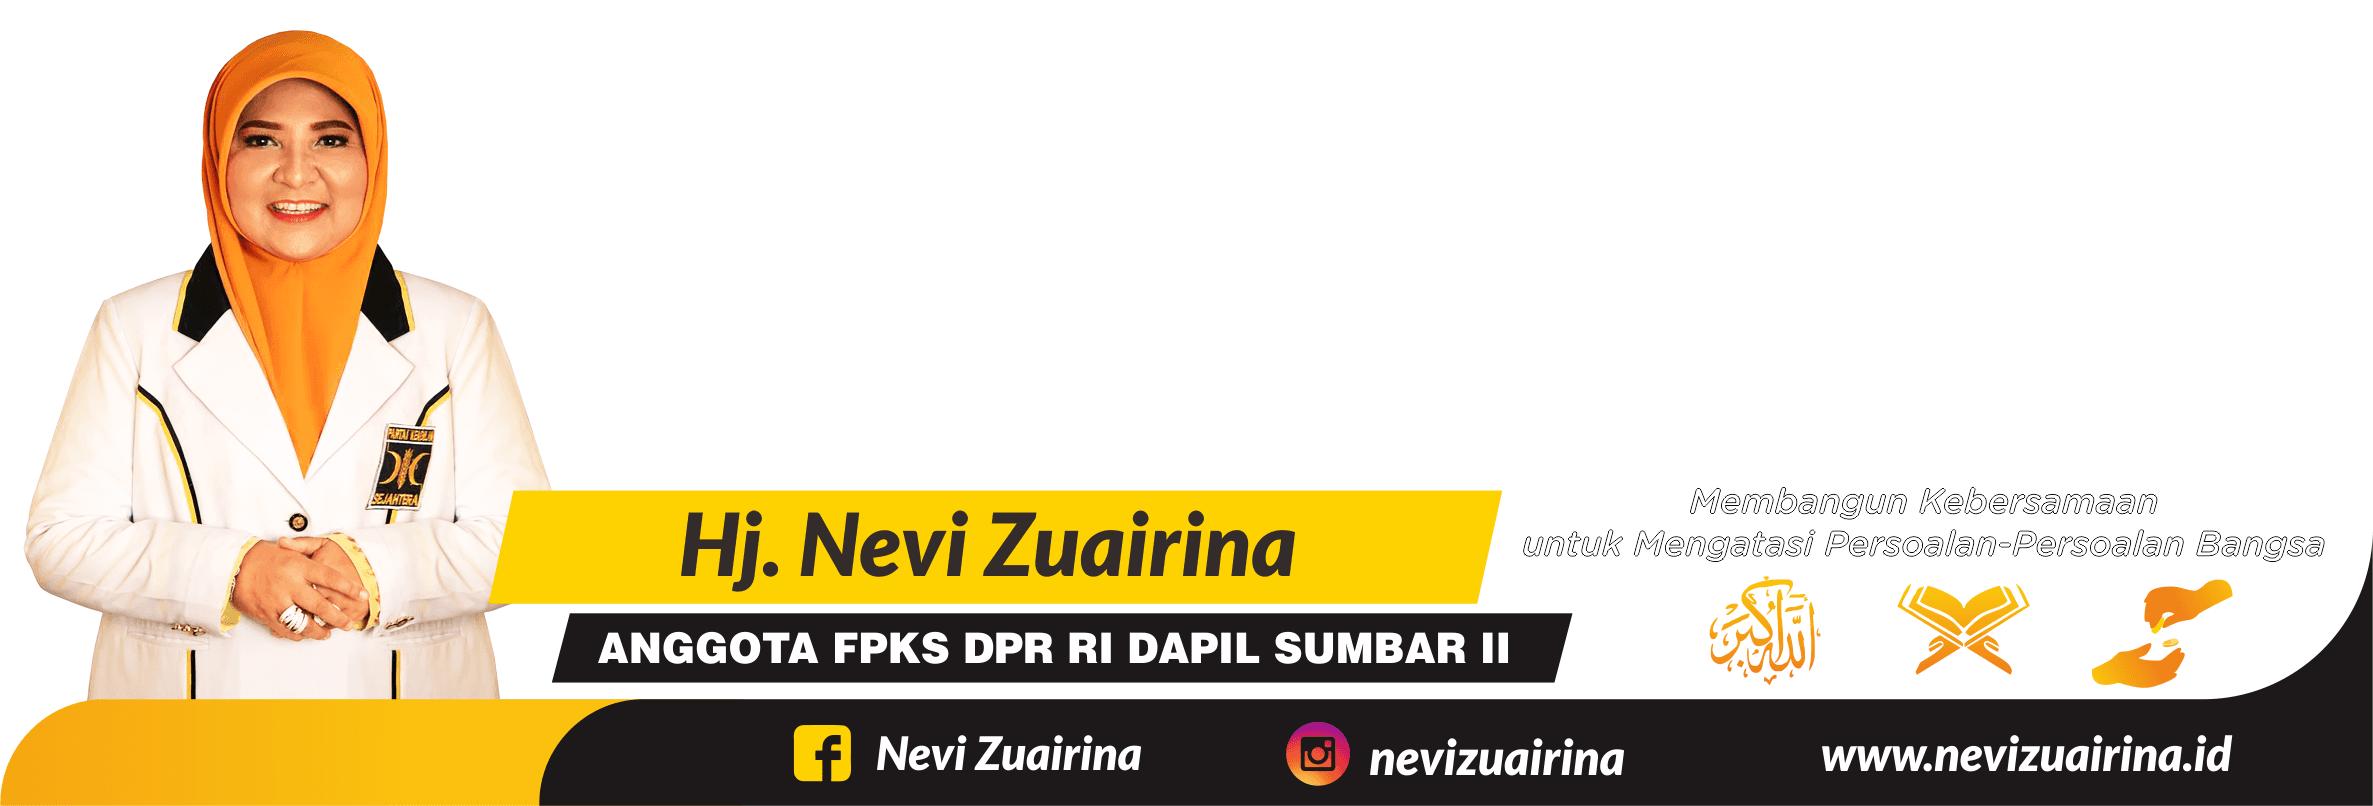 Hj. Nevi Zuairina - Anggota DPR RI Fraksi PKS Dapil Sumbar II